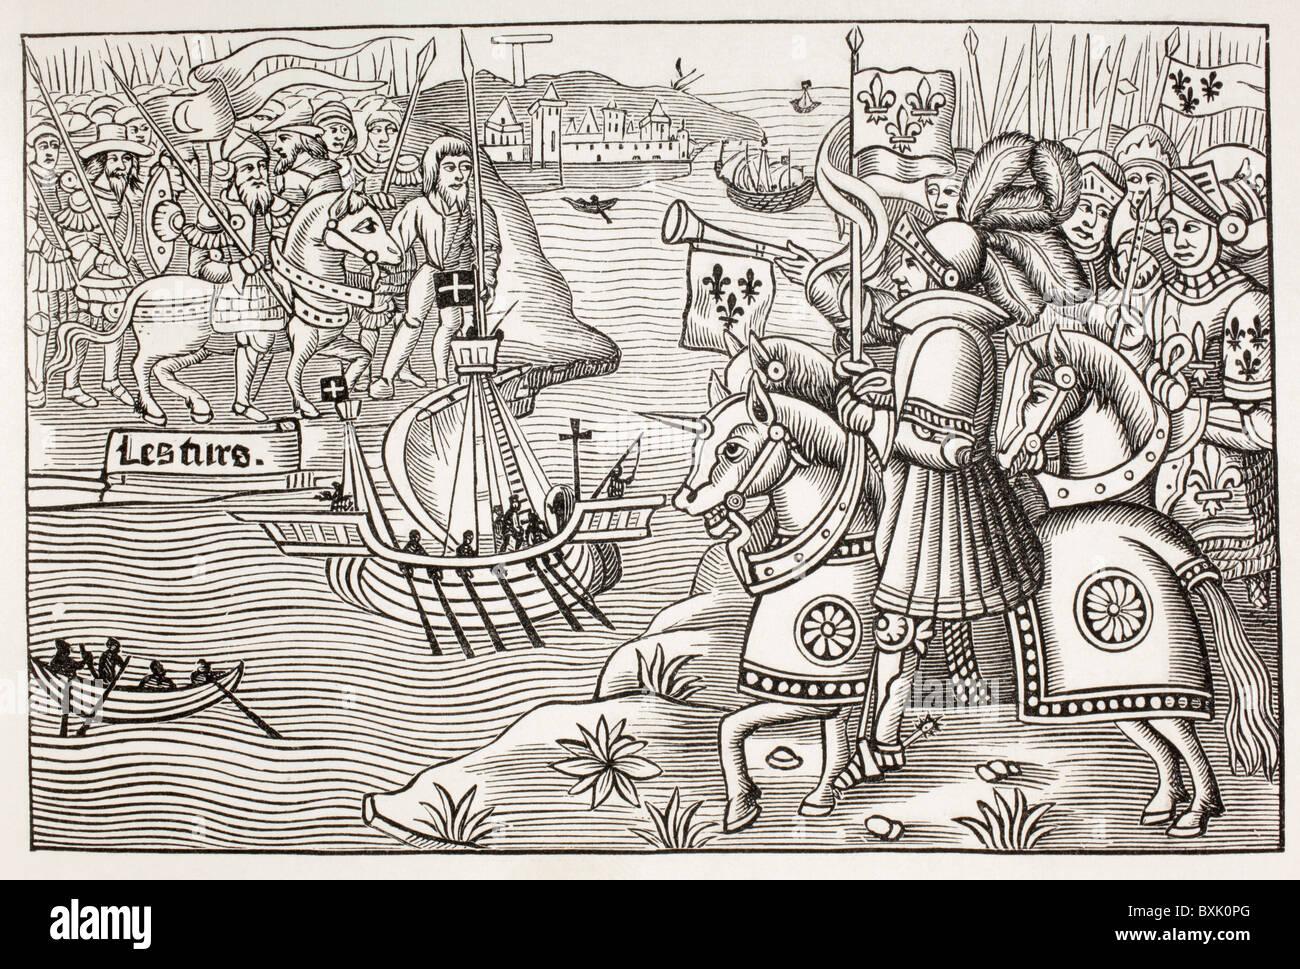 St Louis, el rey Luis IX de Francia, desembarca en Cartago en 1270, durante la octava cruzada. Foto de stock